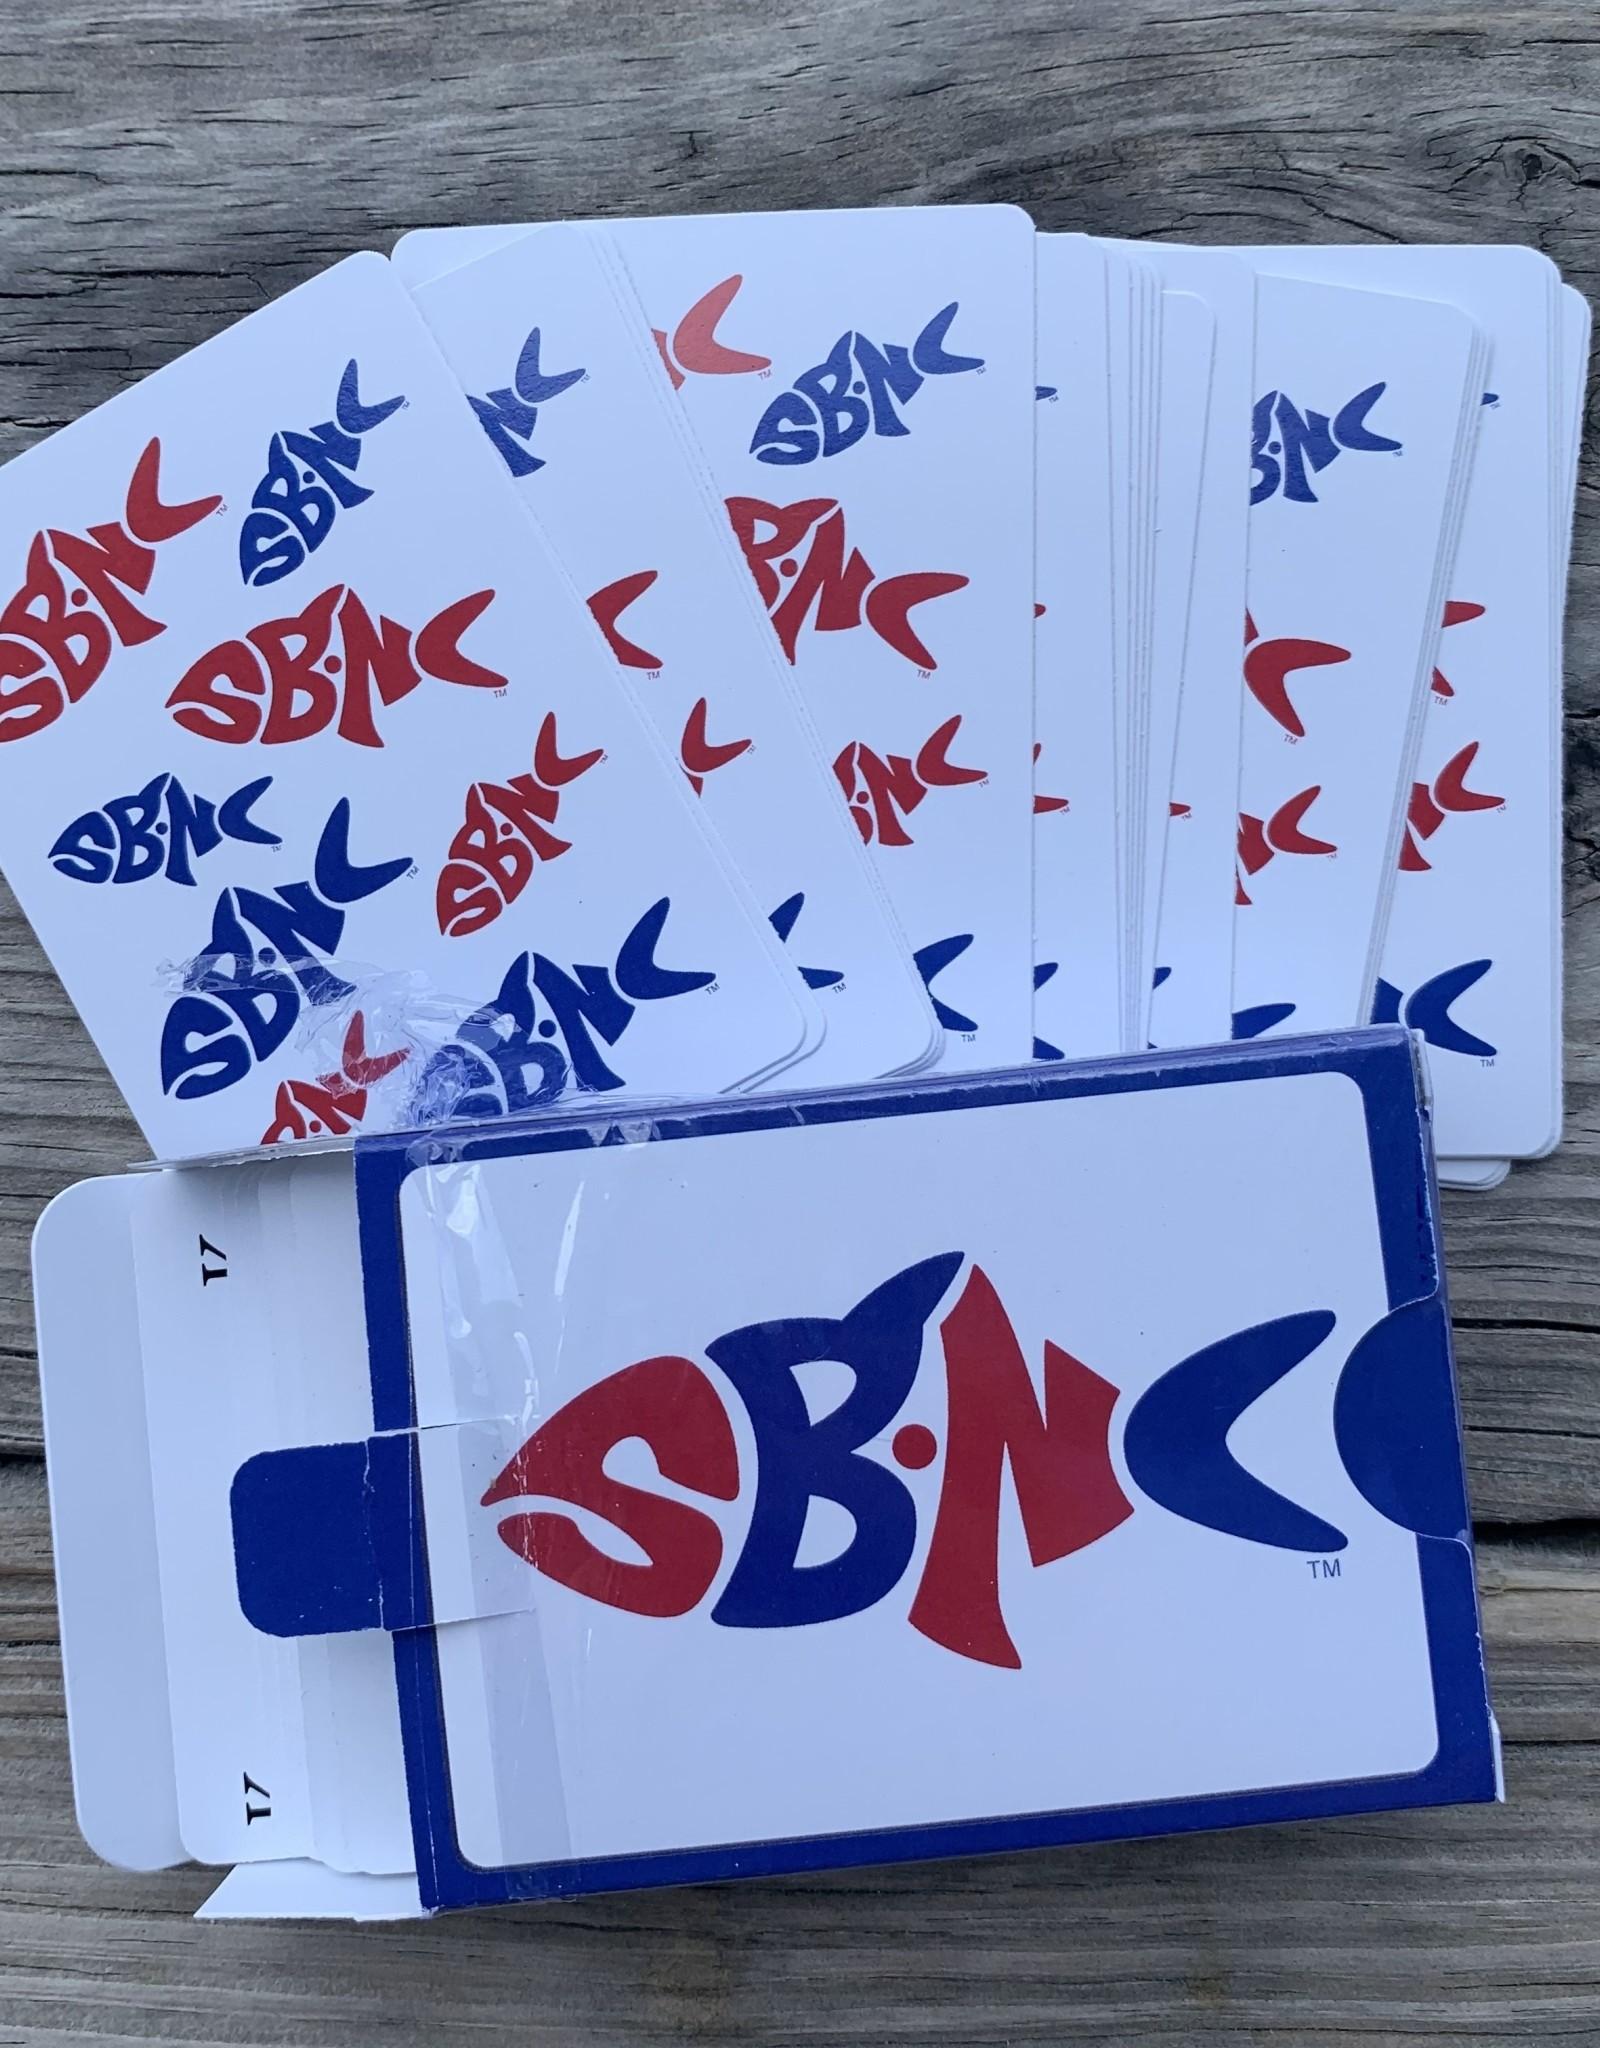 PLAYING CARDS SBNC FISH